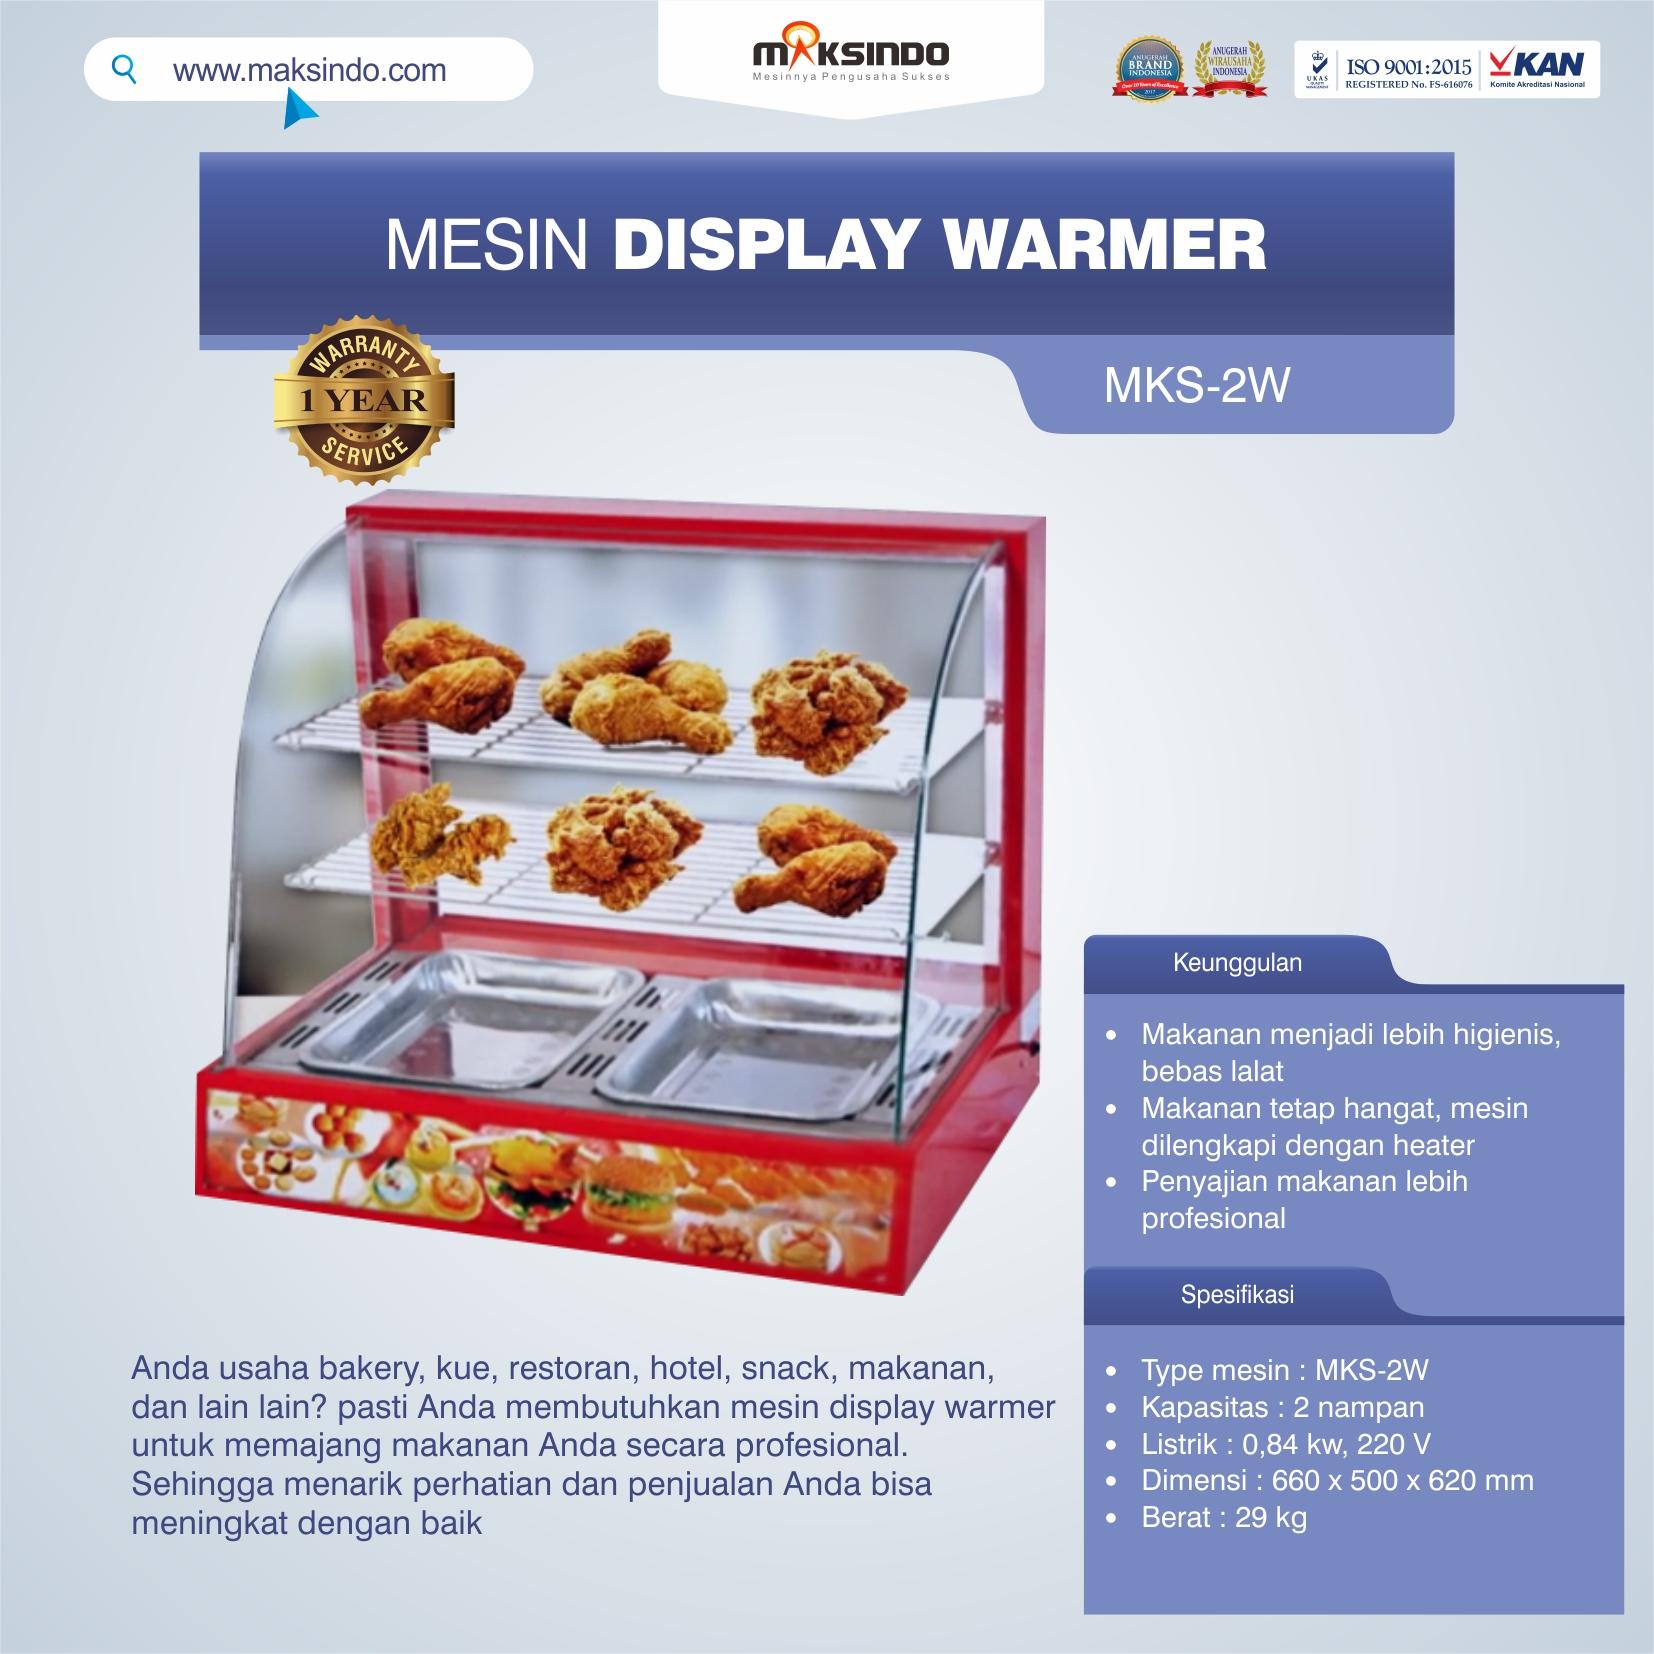 Jual Mesin Diplay Warmer (MKS-2W) di Malang